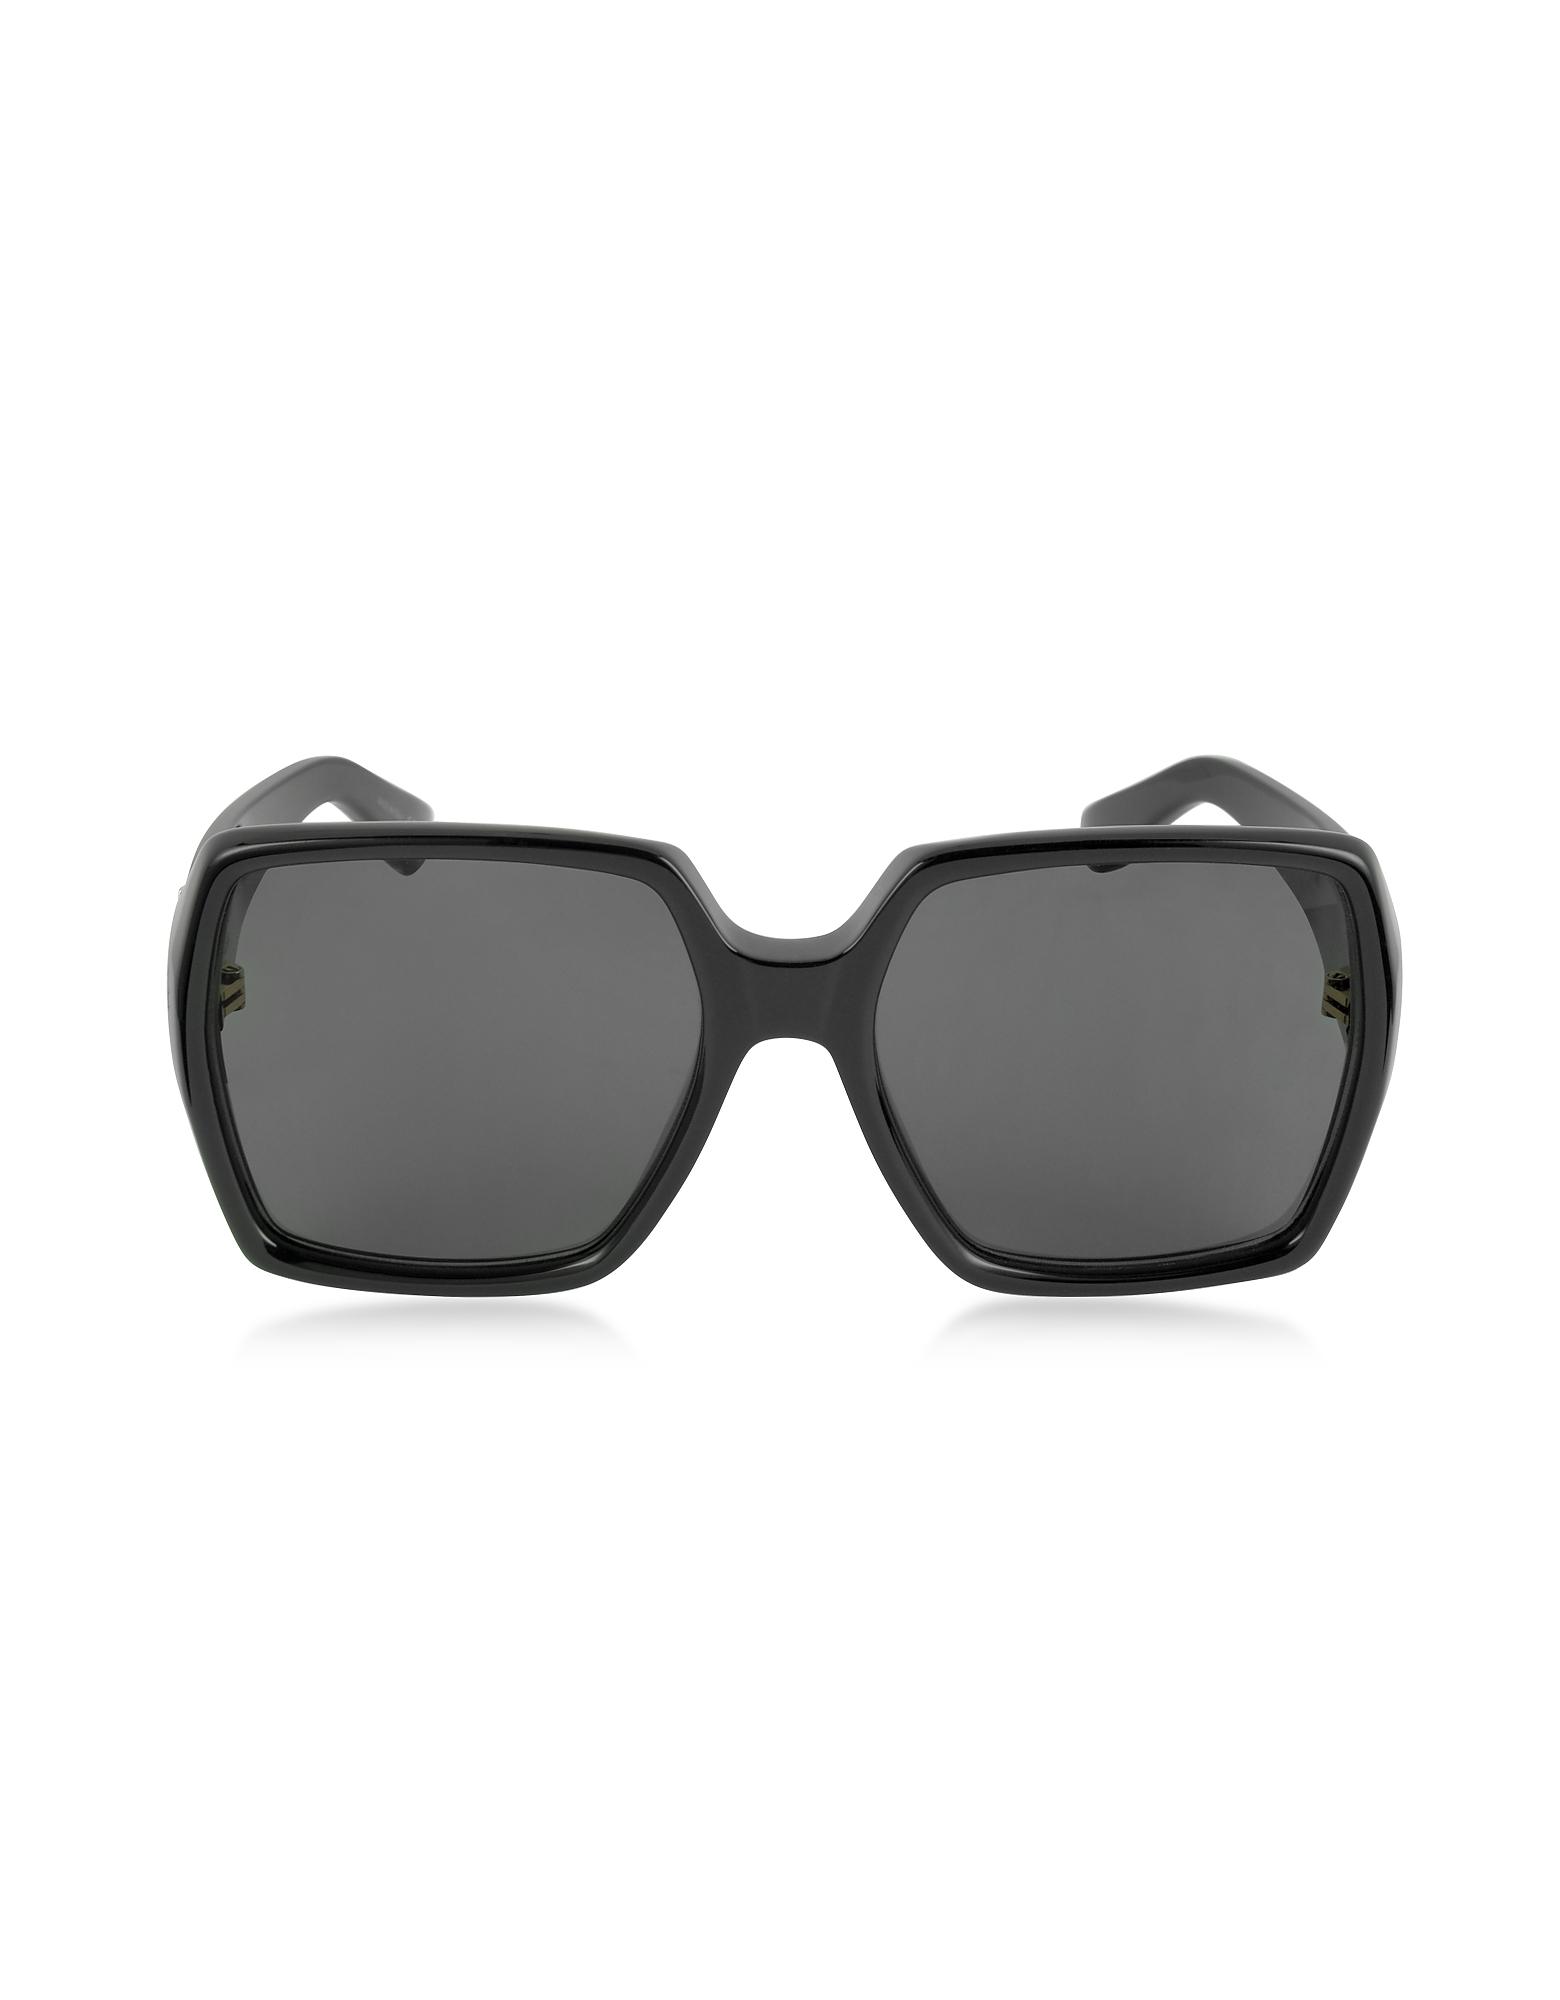 SL M2 - Большие Черные Женские Солнечные Очки в Квадратной Оправе из Ацетата